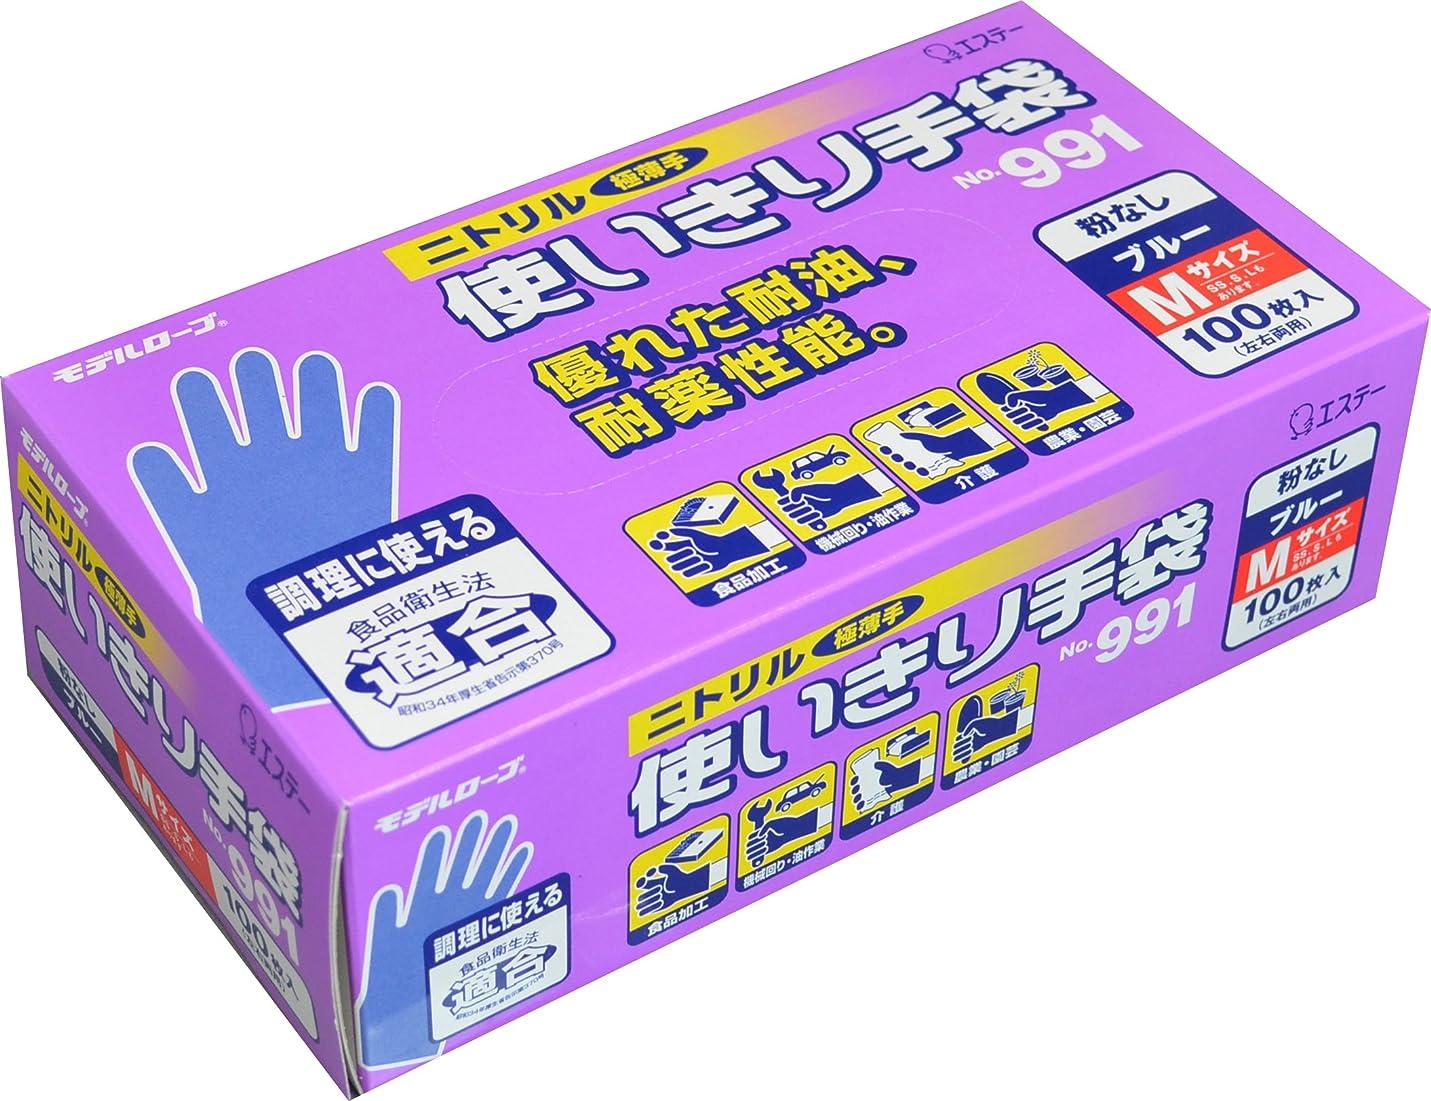 急行するアクセシブル誘導モデルローブ NO991 ニトリル使い切り手袋 100枚 ブルー M